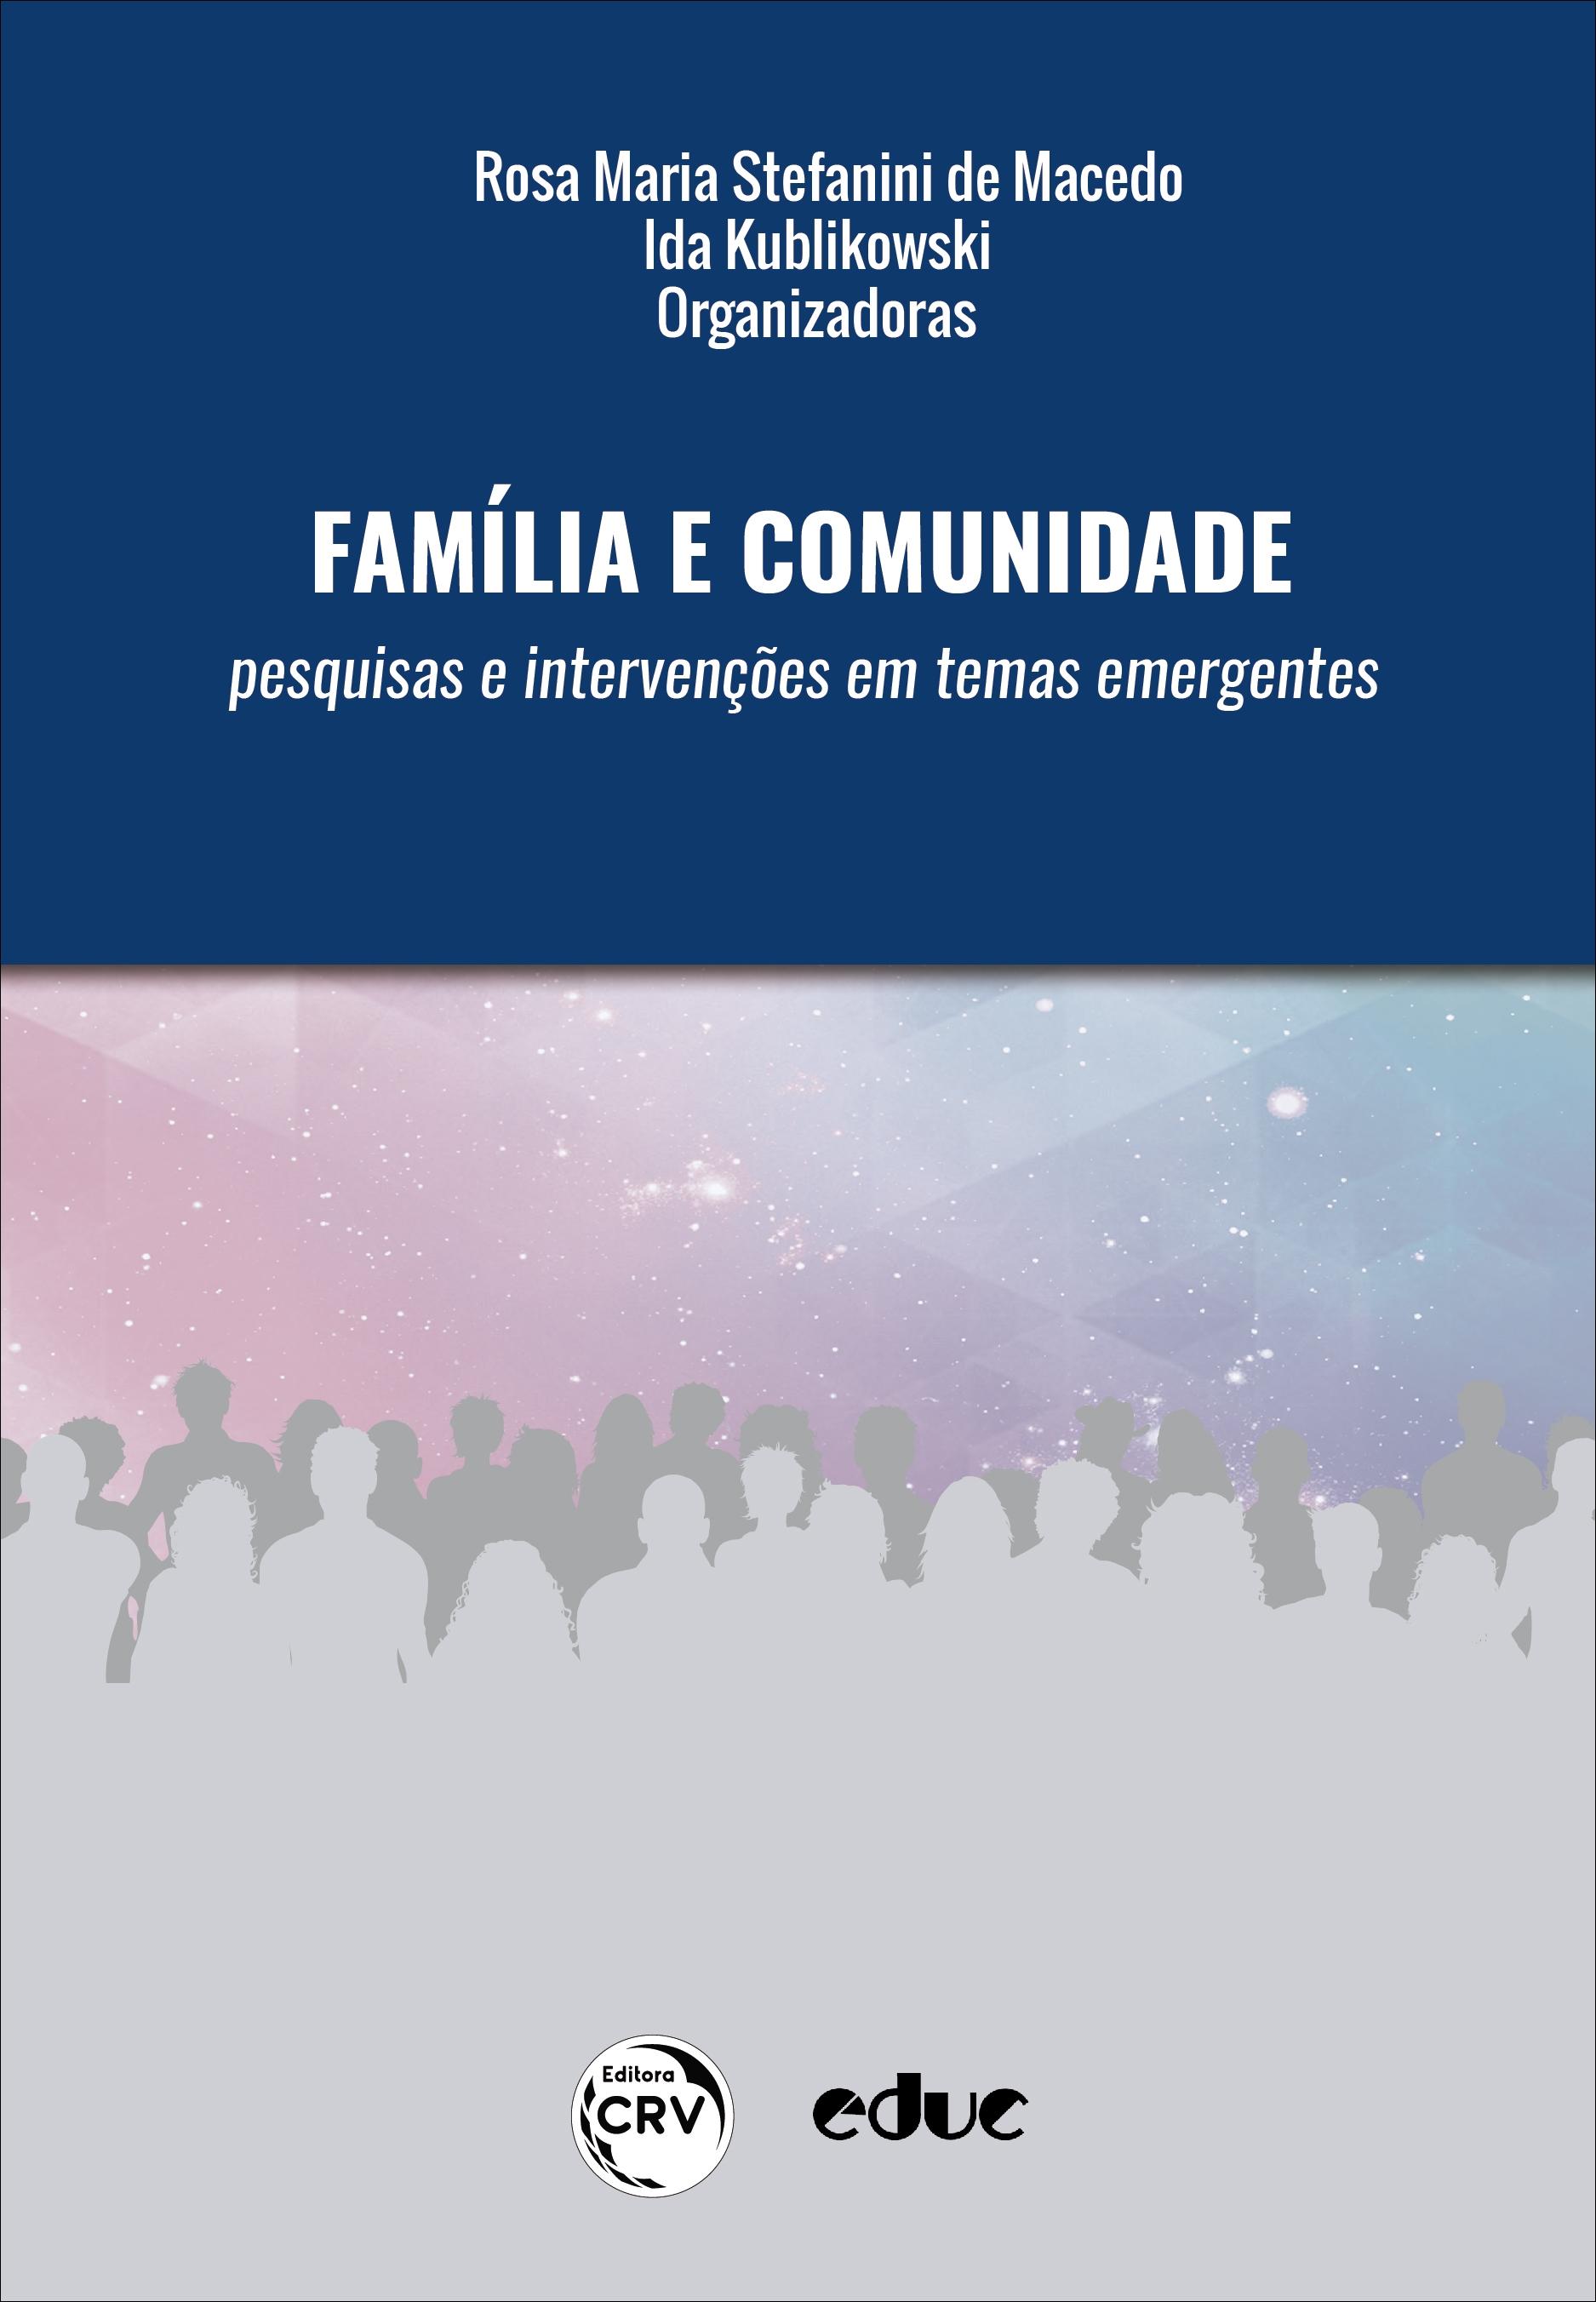 Capa do livro: FAMÍLIA E COMUNIDADE: <br>pesquisas e intervenções em temas emergentes